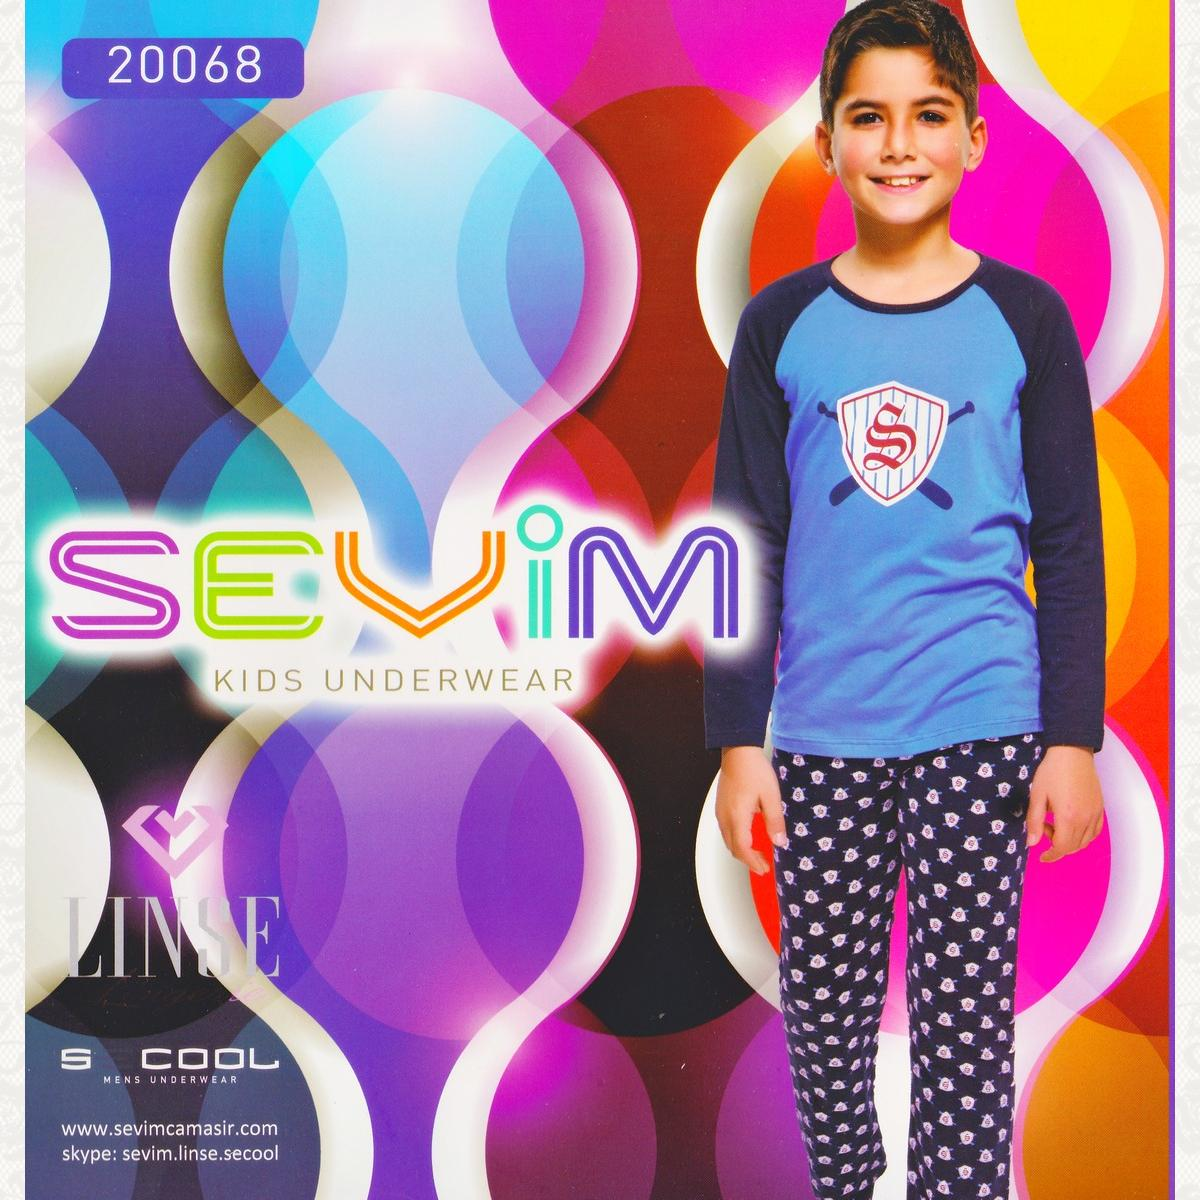 Пижама для мальчиков, цвет синий с фото, 2 шт.